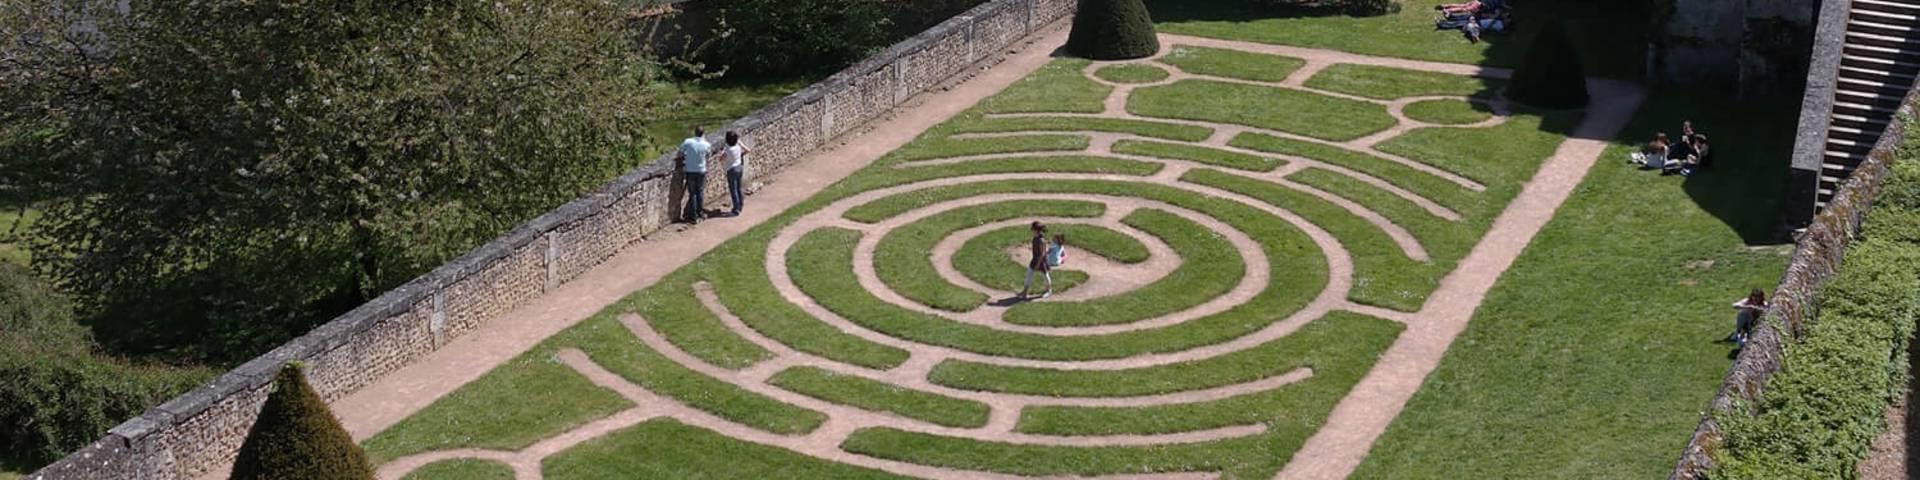 Labyrinthe dans les jardins de l'Evêché